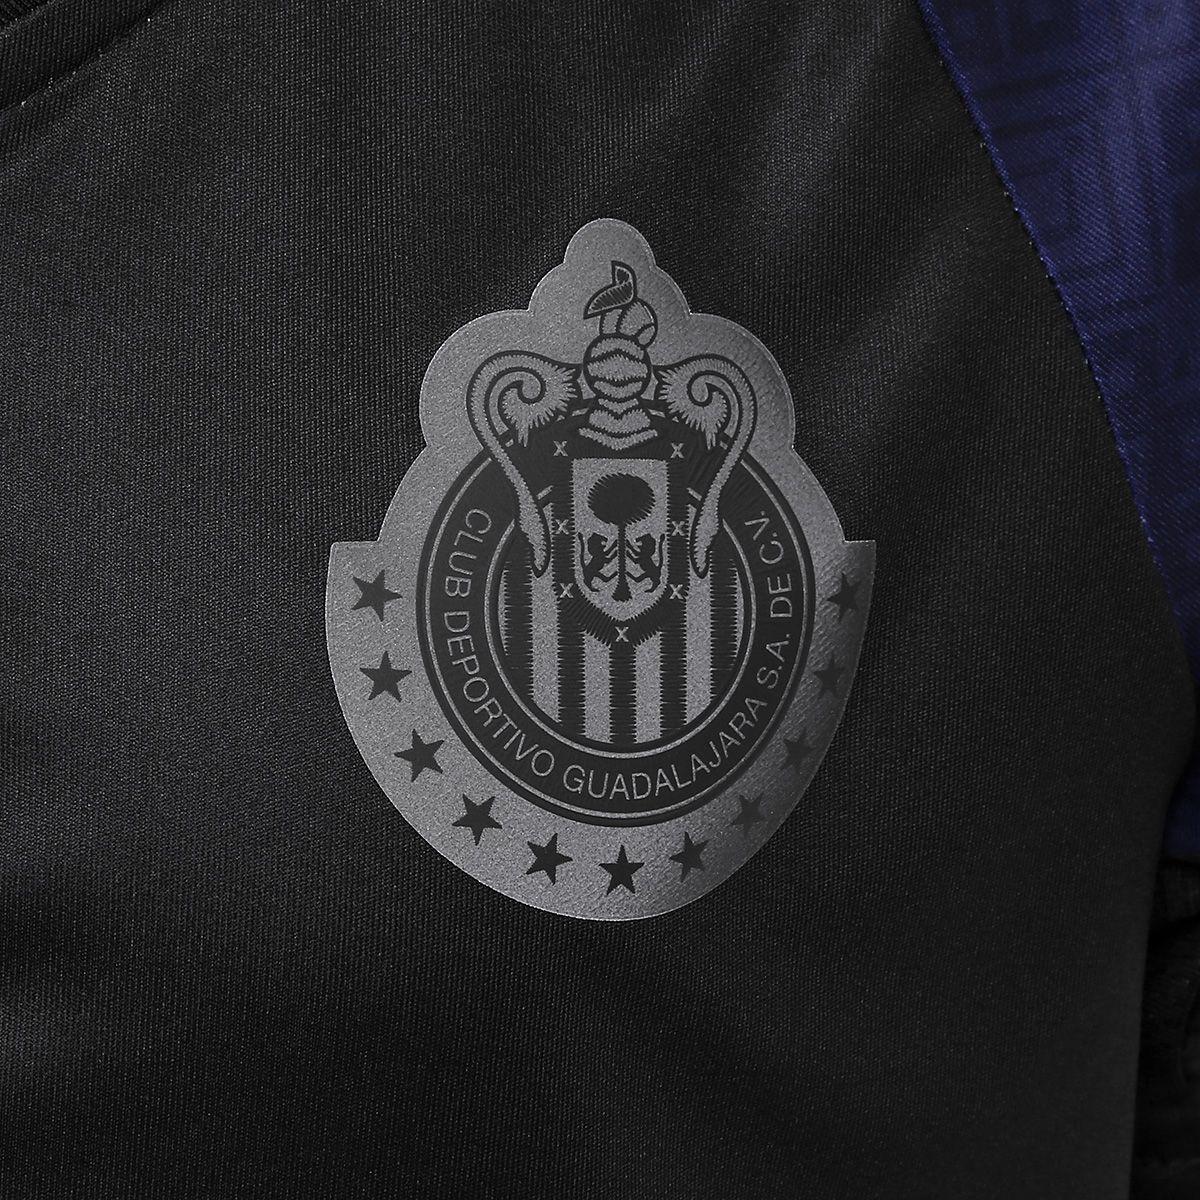 f50bd4c6d3303 Jersey Infantil Puma Chivas Visita 17 18 S N° - Comprá Ahora ...